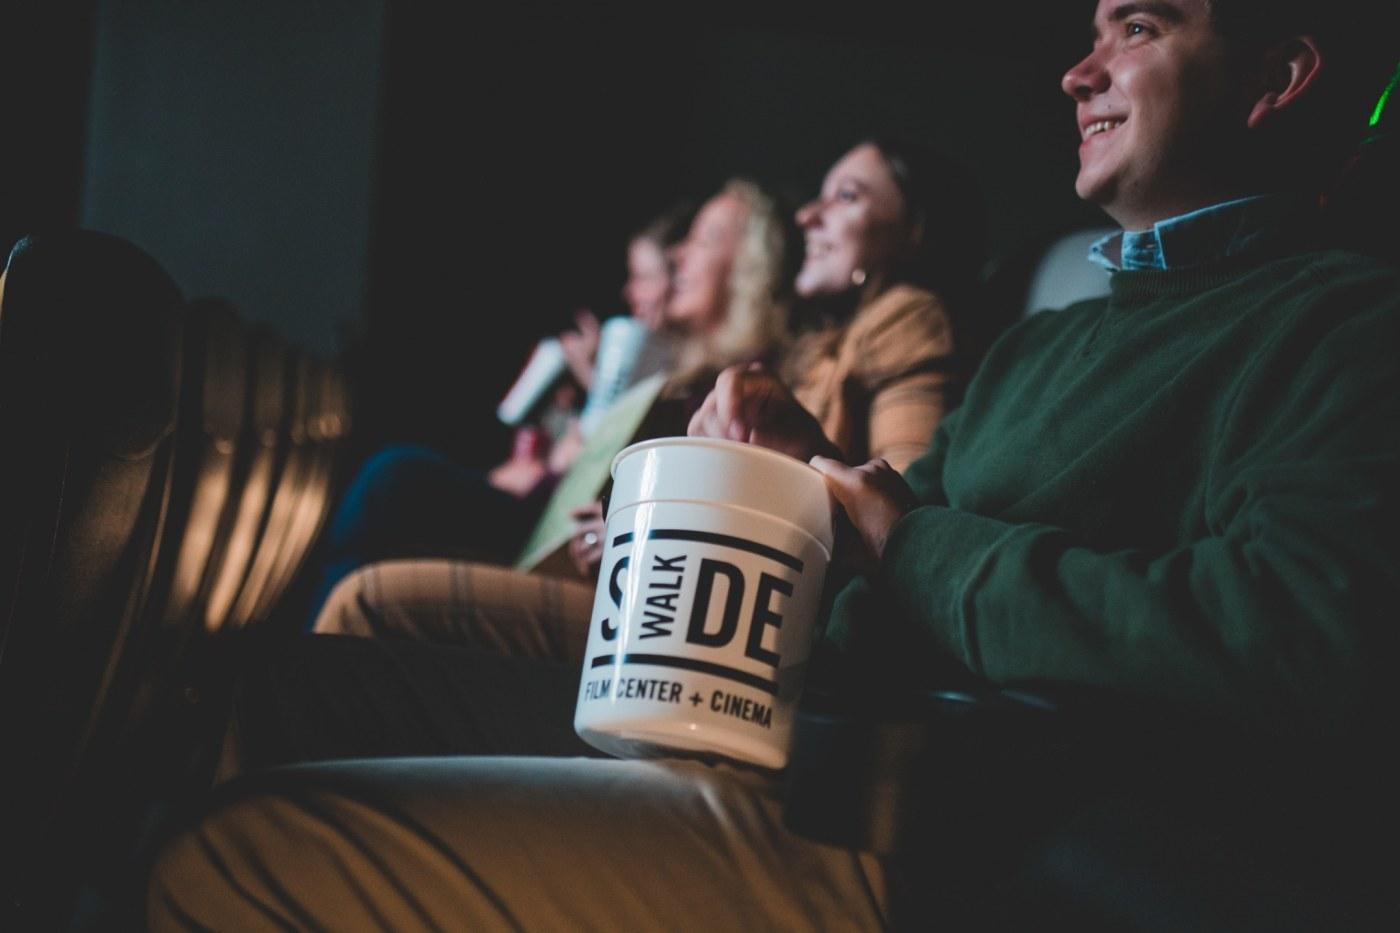 Sidewalk Film Center